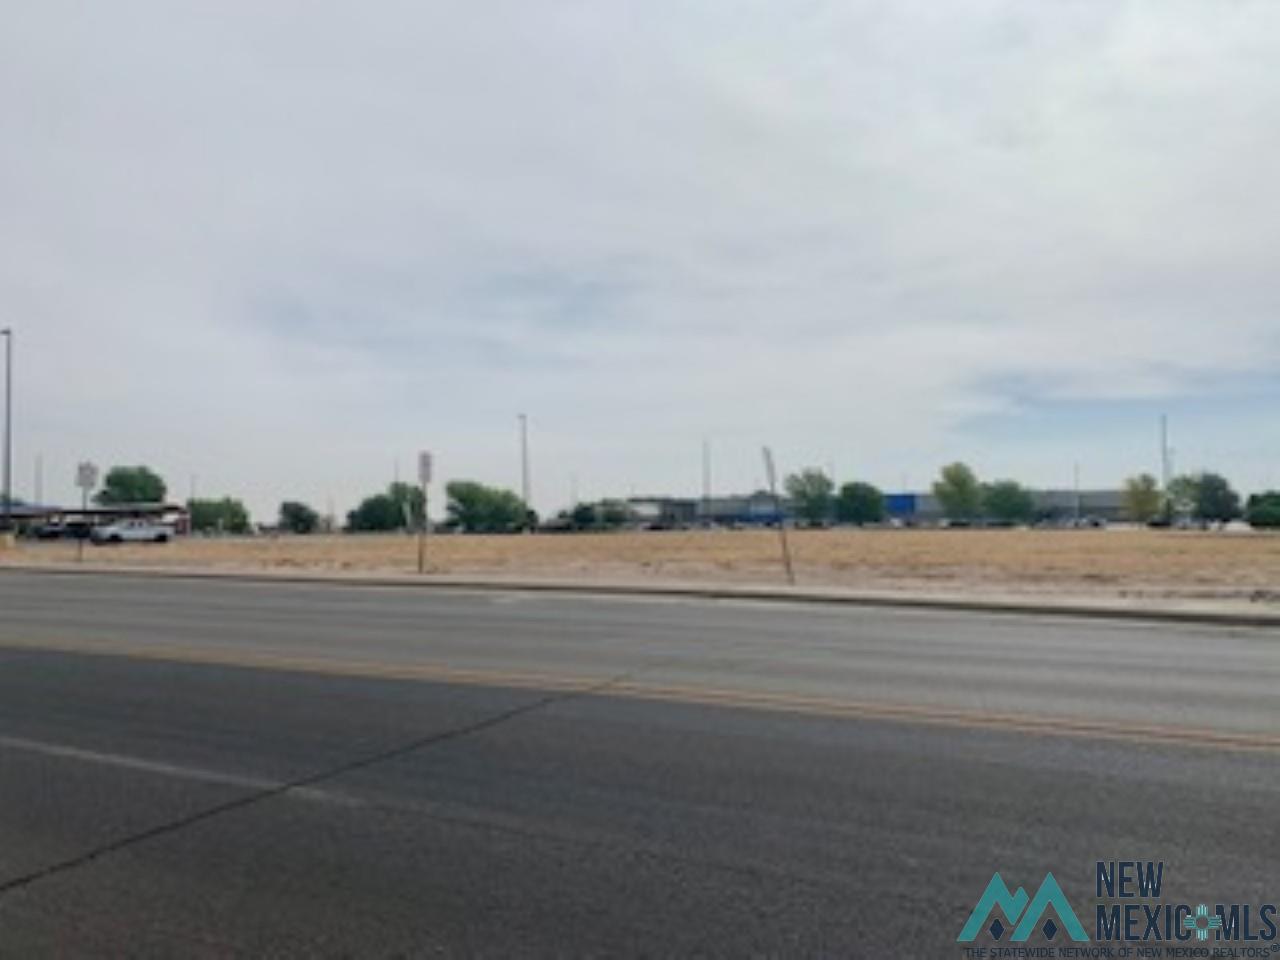 507 N 26th St., Artesia, NM 88210